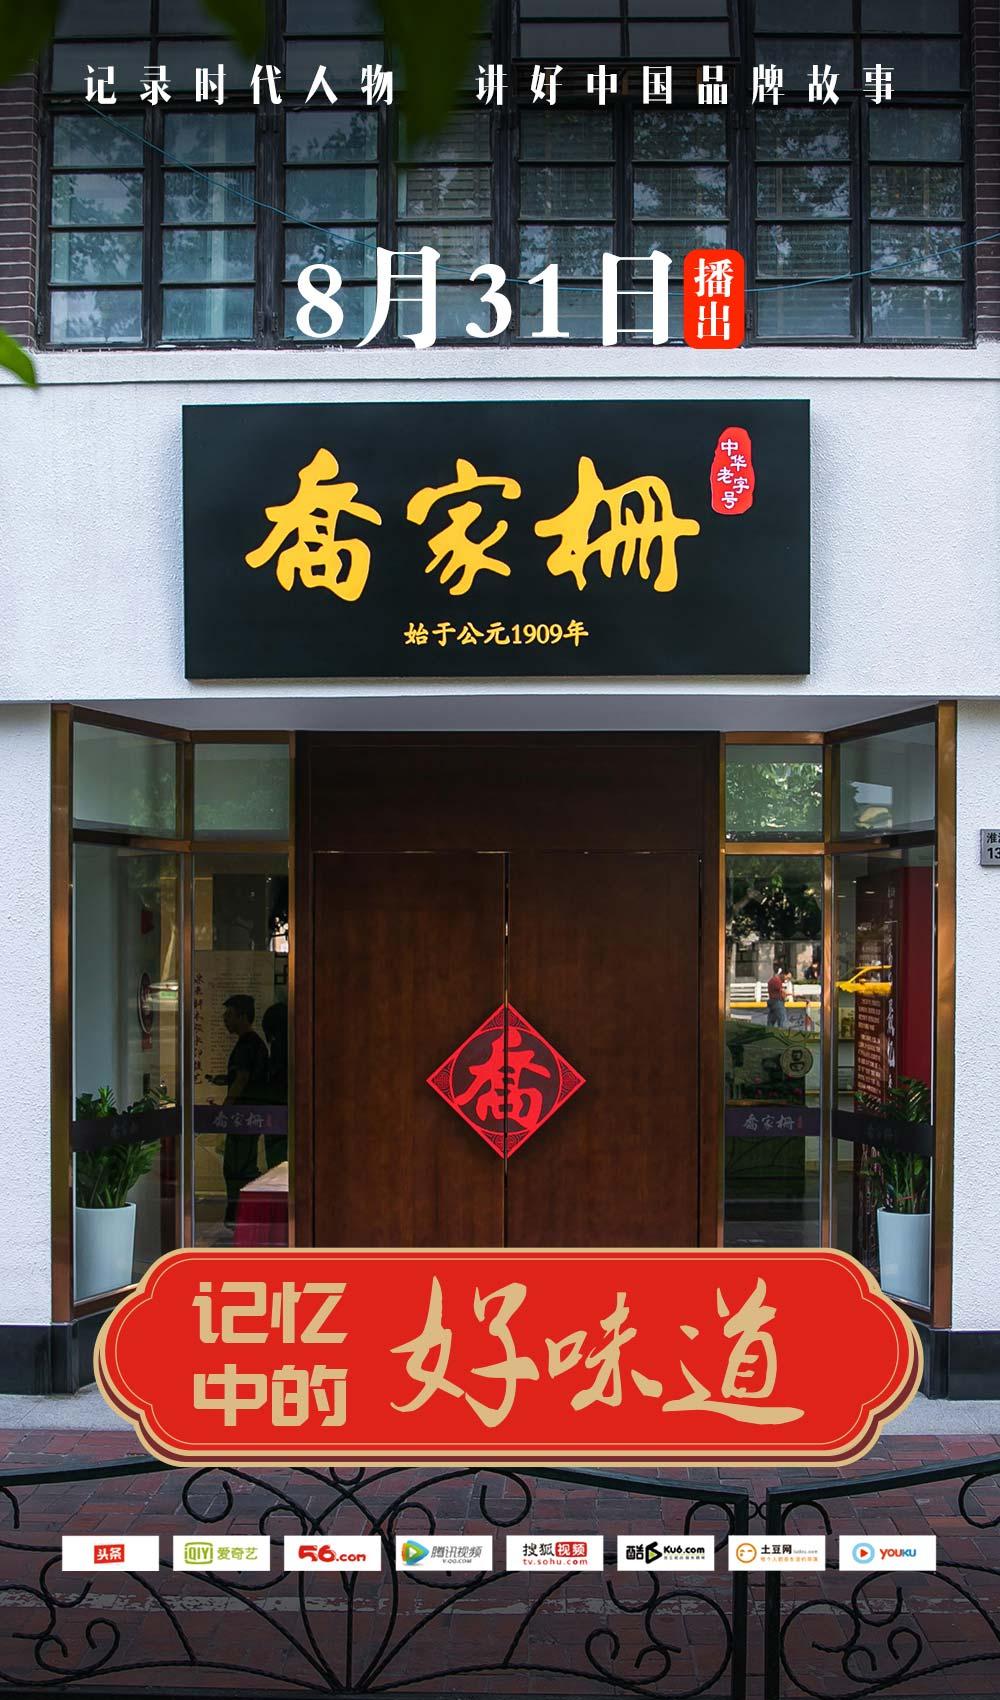 上海新徐汇商业(集团)有限公司.jpg